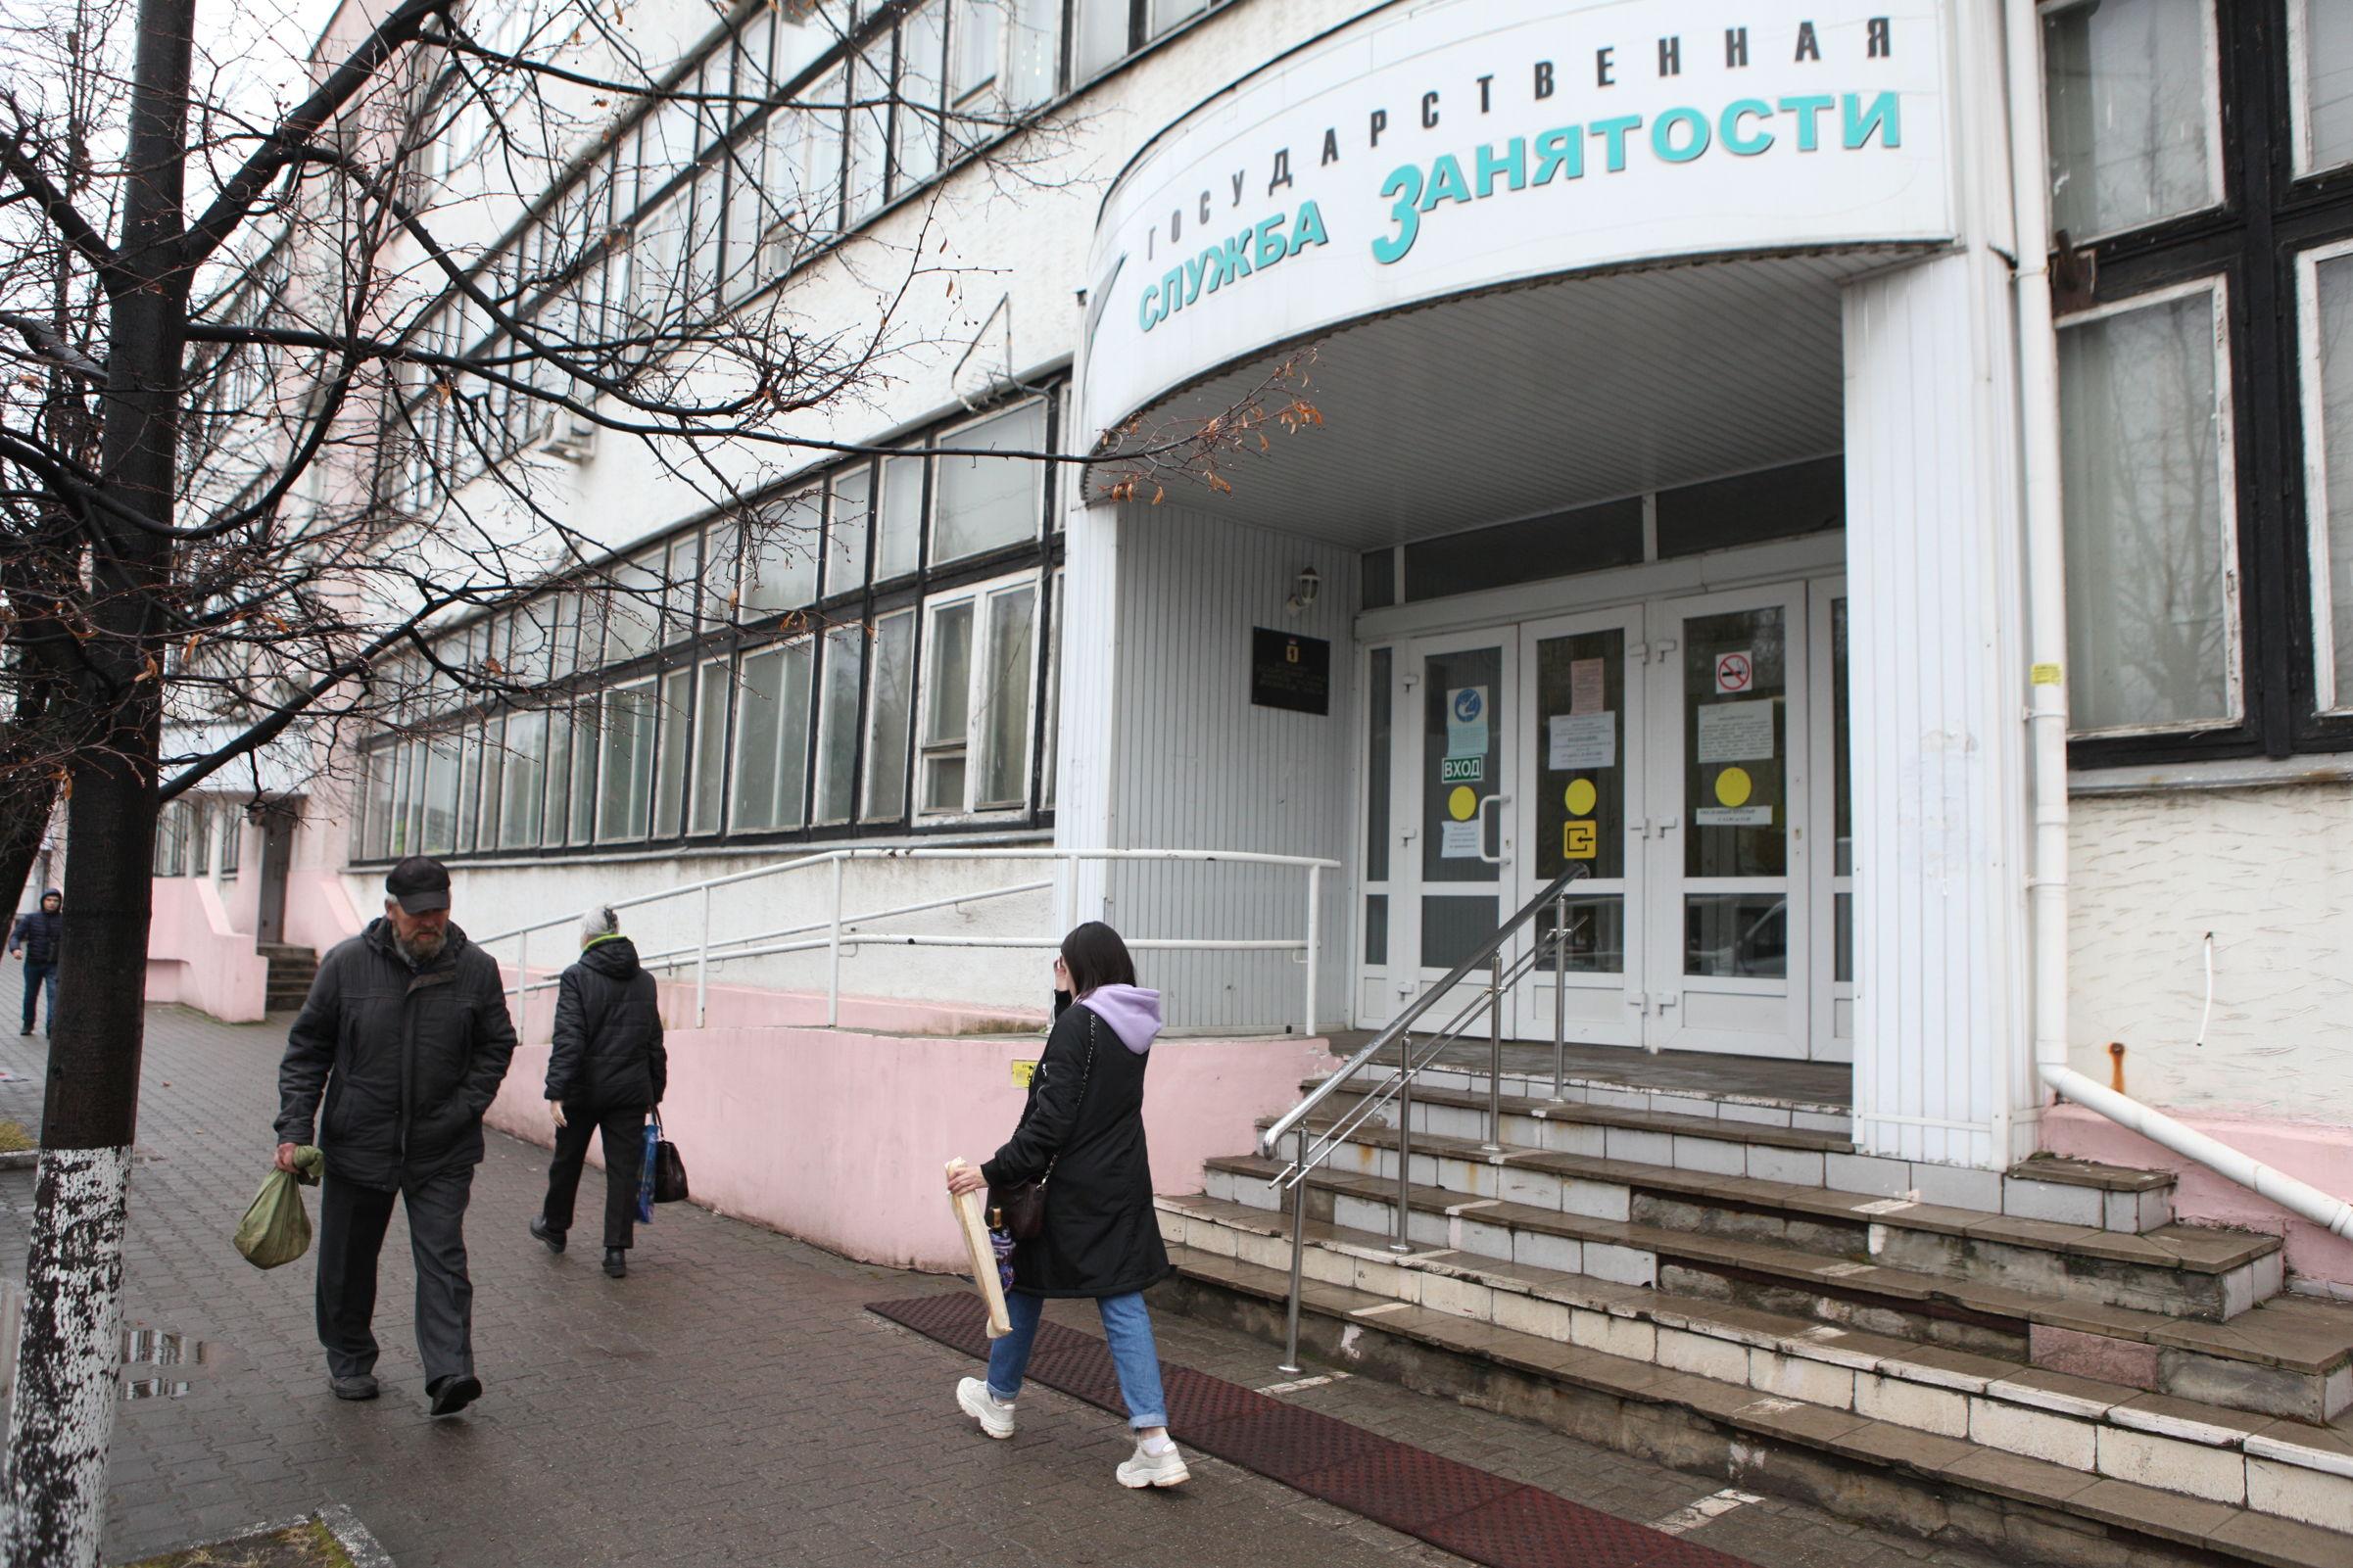 13 тысяч ярославцев нашли работу благодаря службе занятости: назвали наиболее востребованные профессии